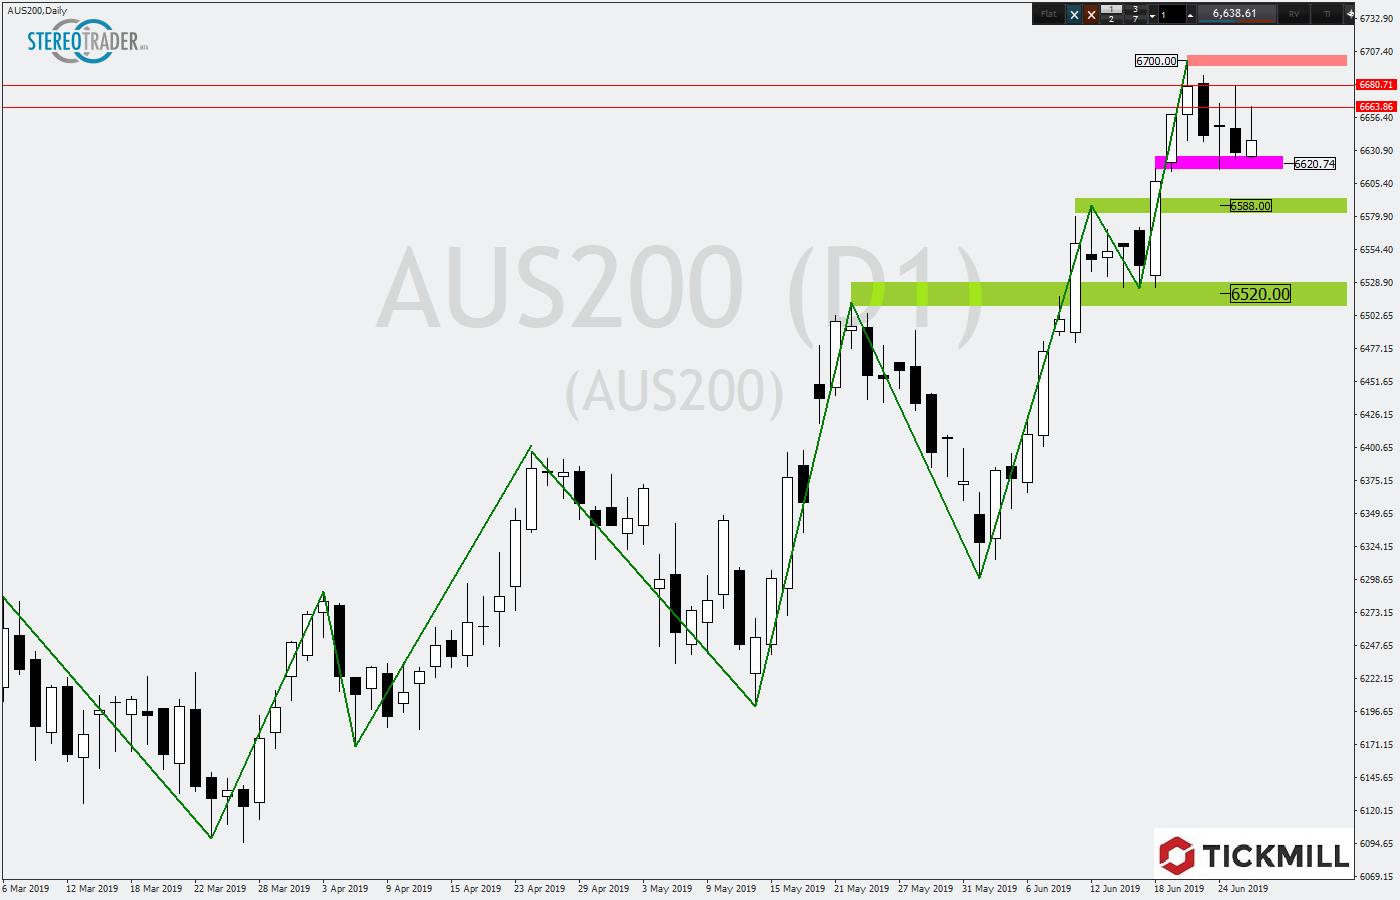 Australischer Aktienindex